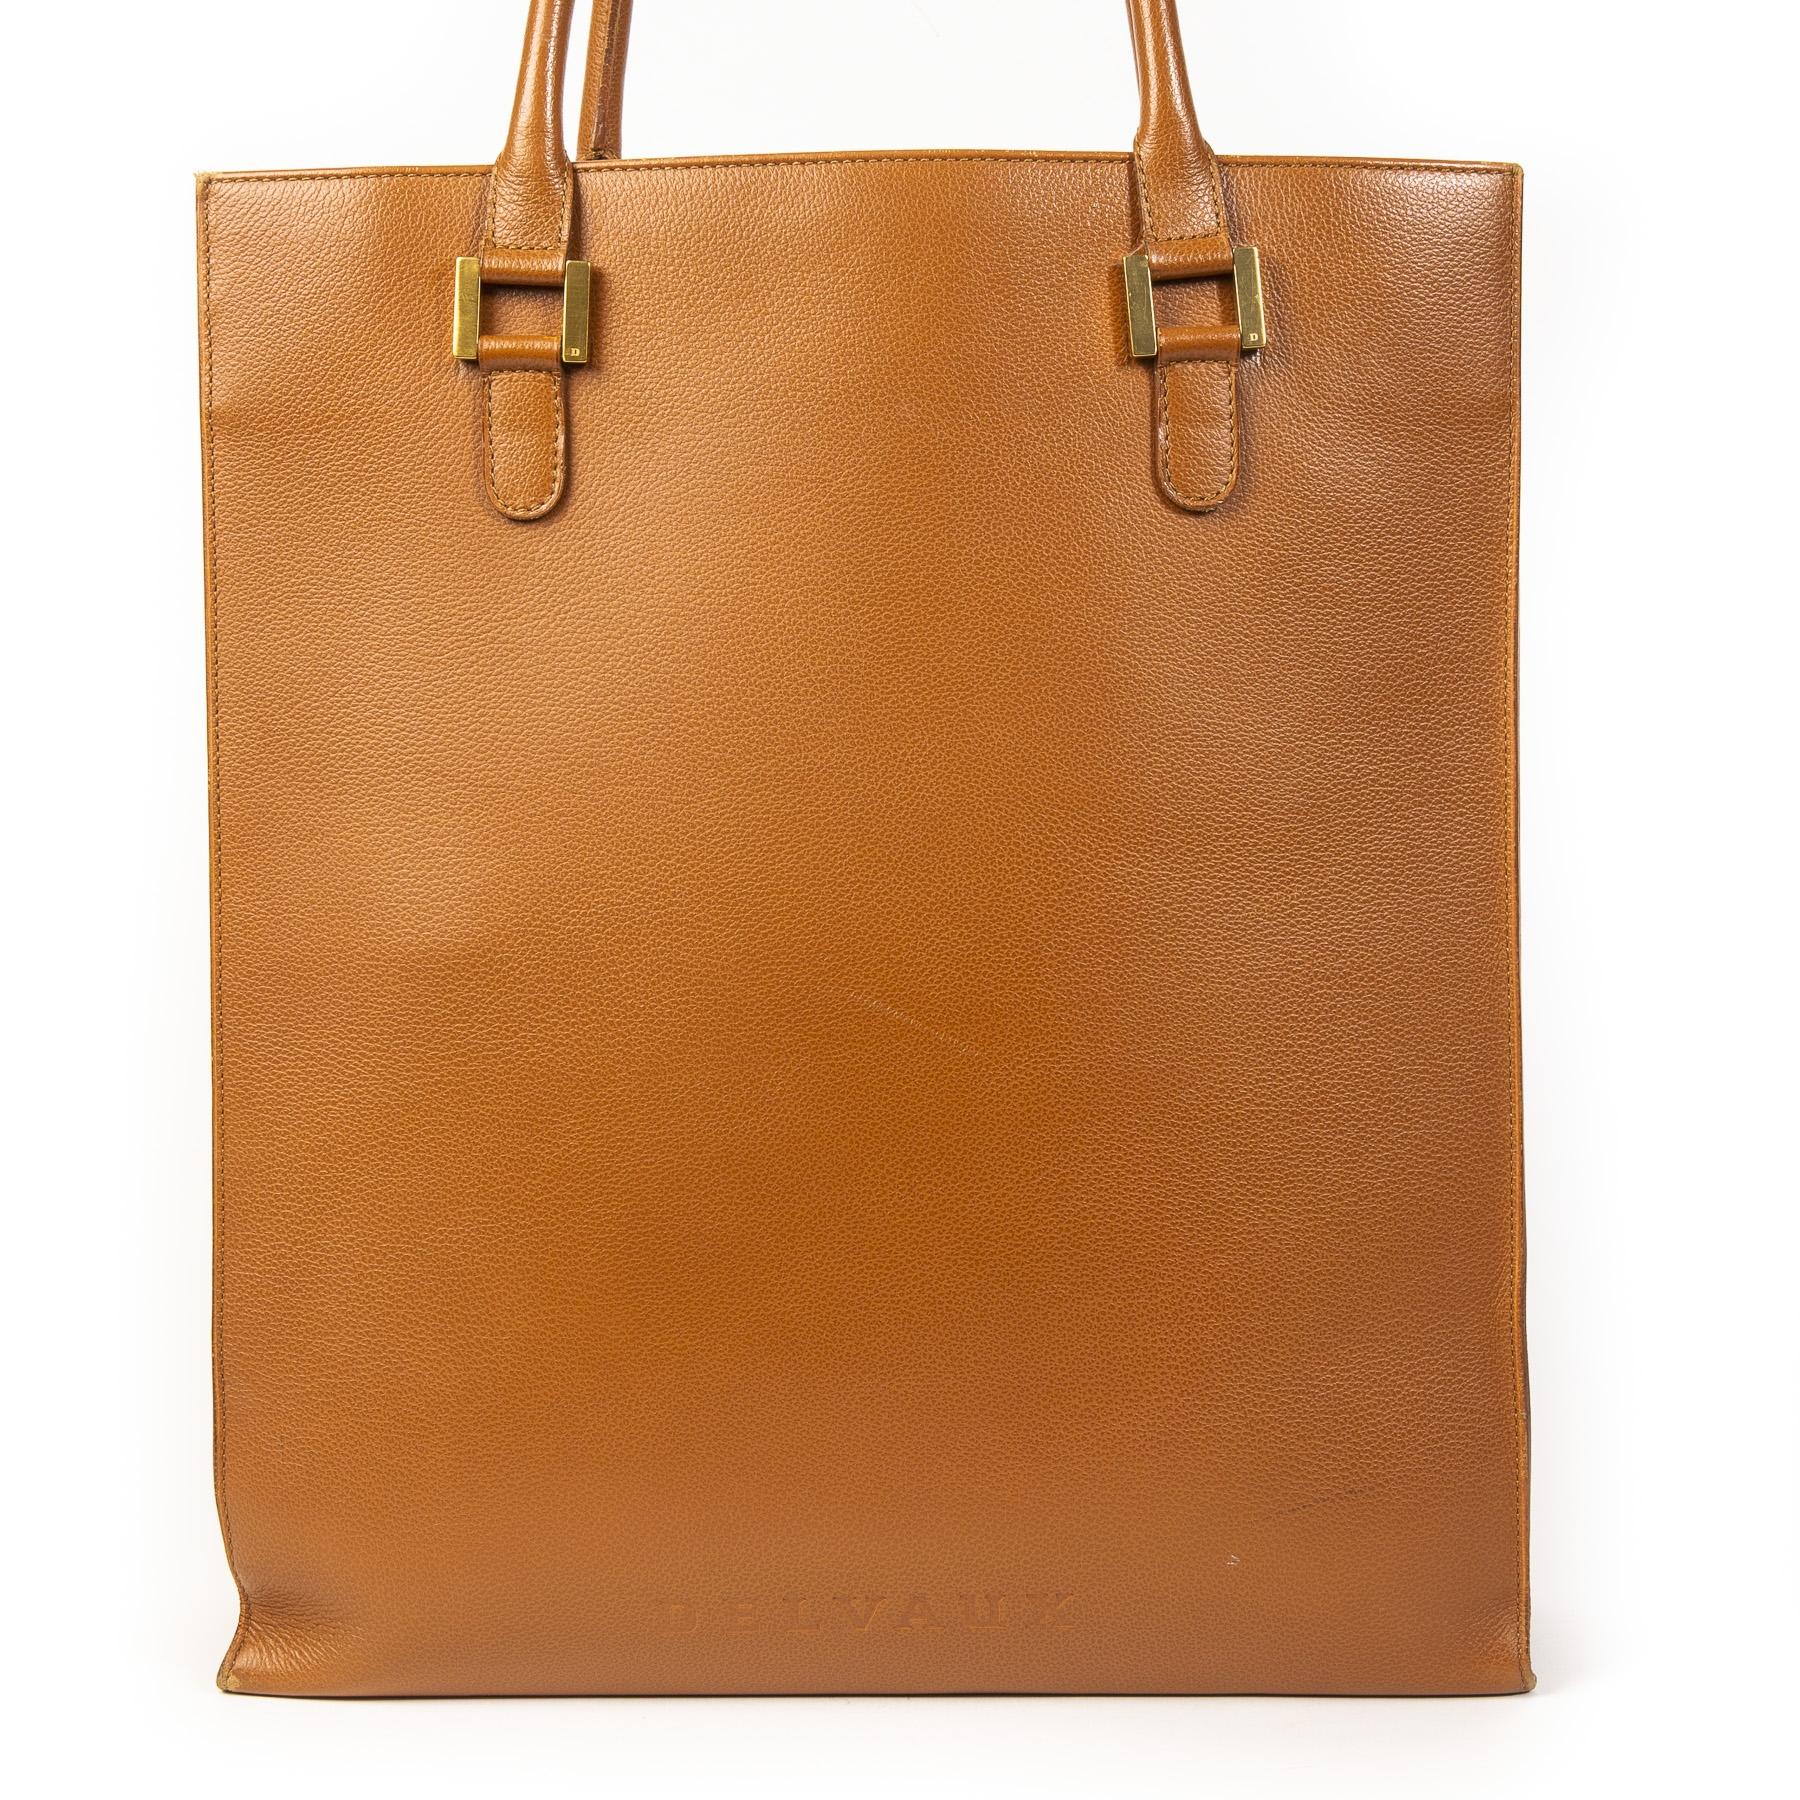 Authentieke Tweedehands Delvaux Cognac Leather Tote Bag juiste prijs veilig online shoppen luxe merken webshop winkelen Antwerpen België mode fashion